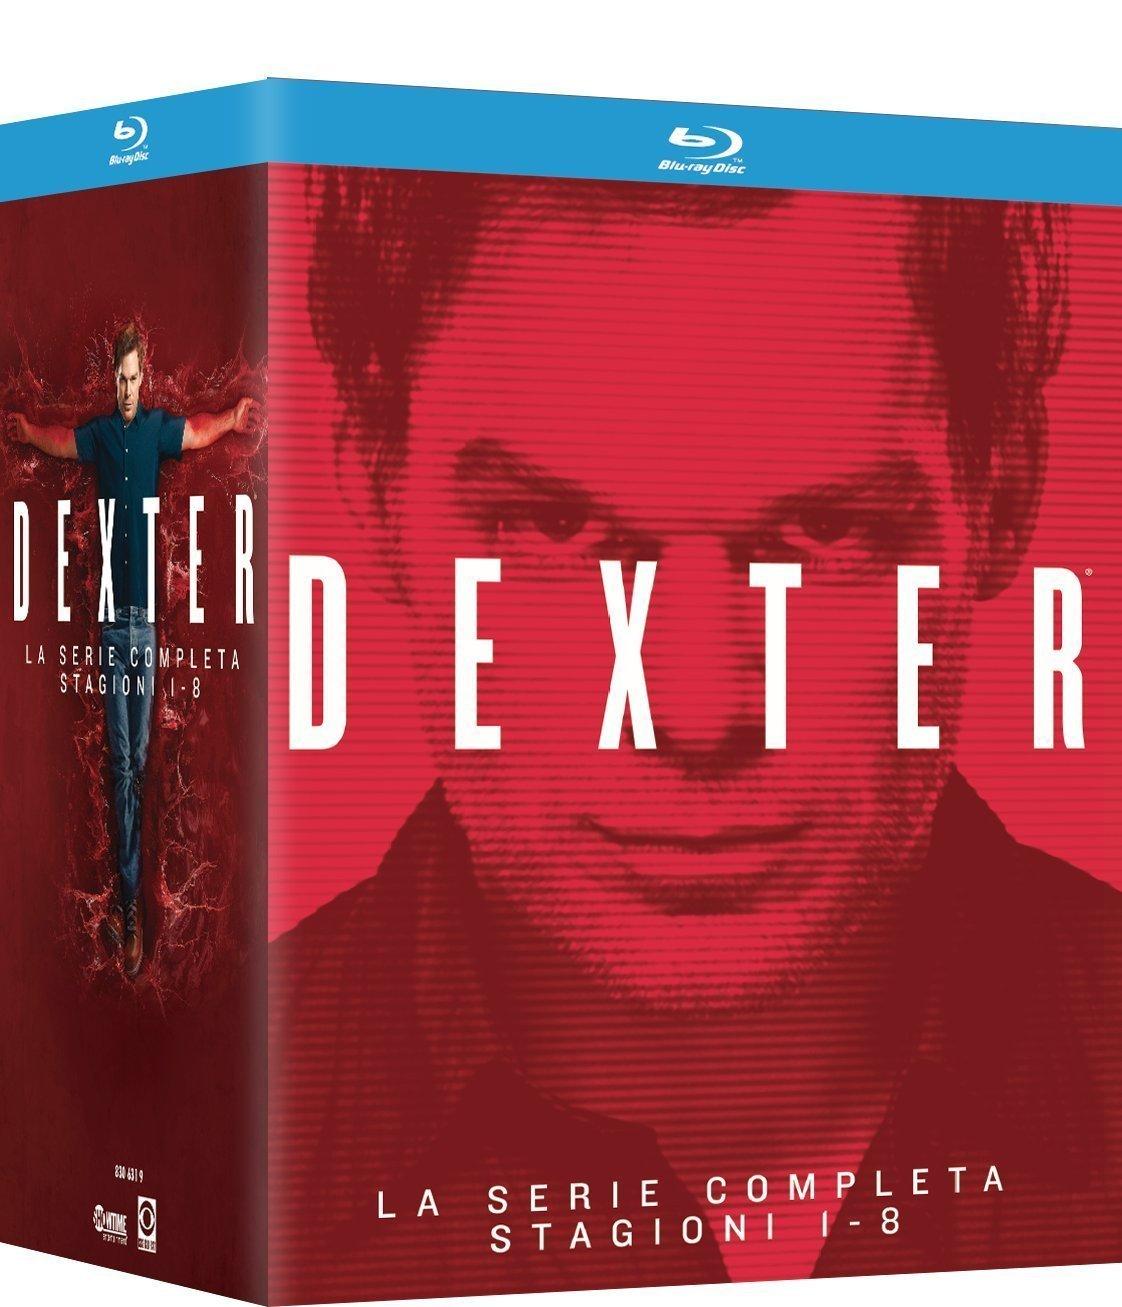 Blu-ray Box - Dexter: Die komplette Serie (33 Discs) für €35,11 [@Amazon.it]